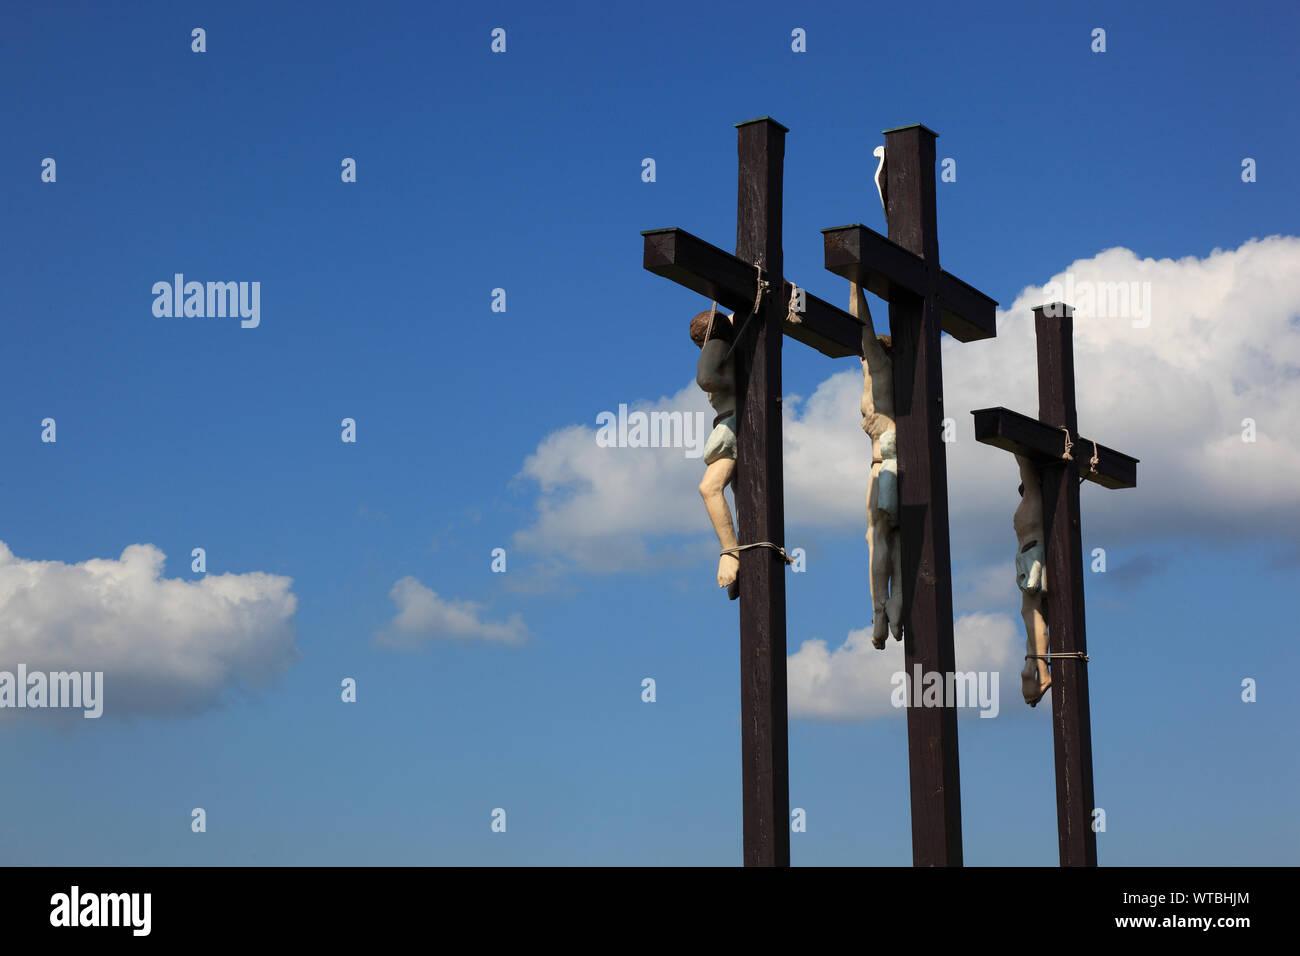 Die Drei Golgota-Kreuze auf dem Kreuzberg, nahe der Stadt Bischofsheim an der Rhön, Landkreis Rhön-Grabfeld, Unterfranken, Bayern, Deutschland. El th Foto de stock